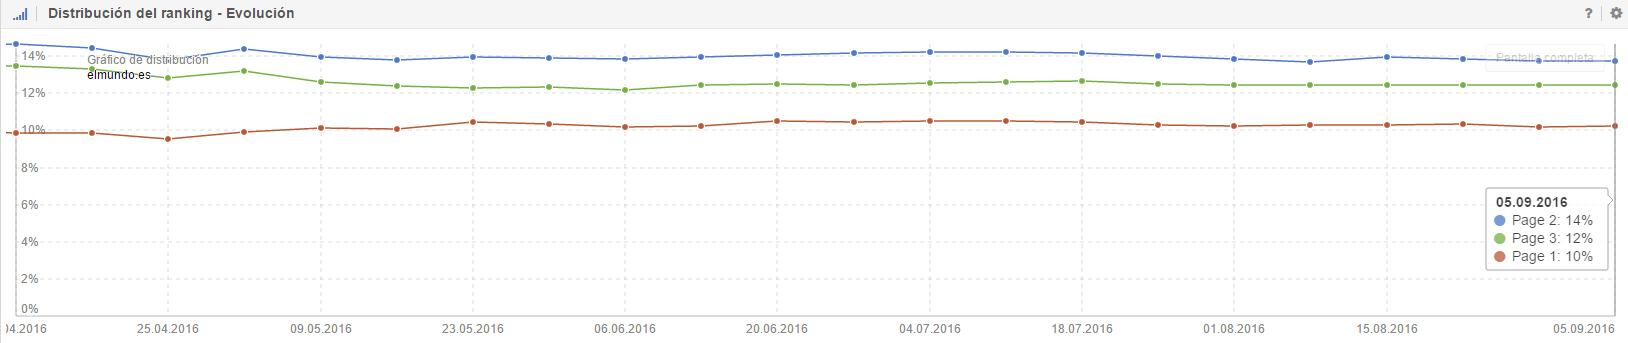 elmundo distribucion ranking Google